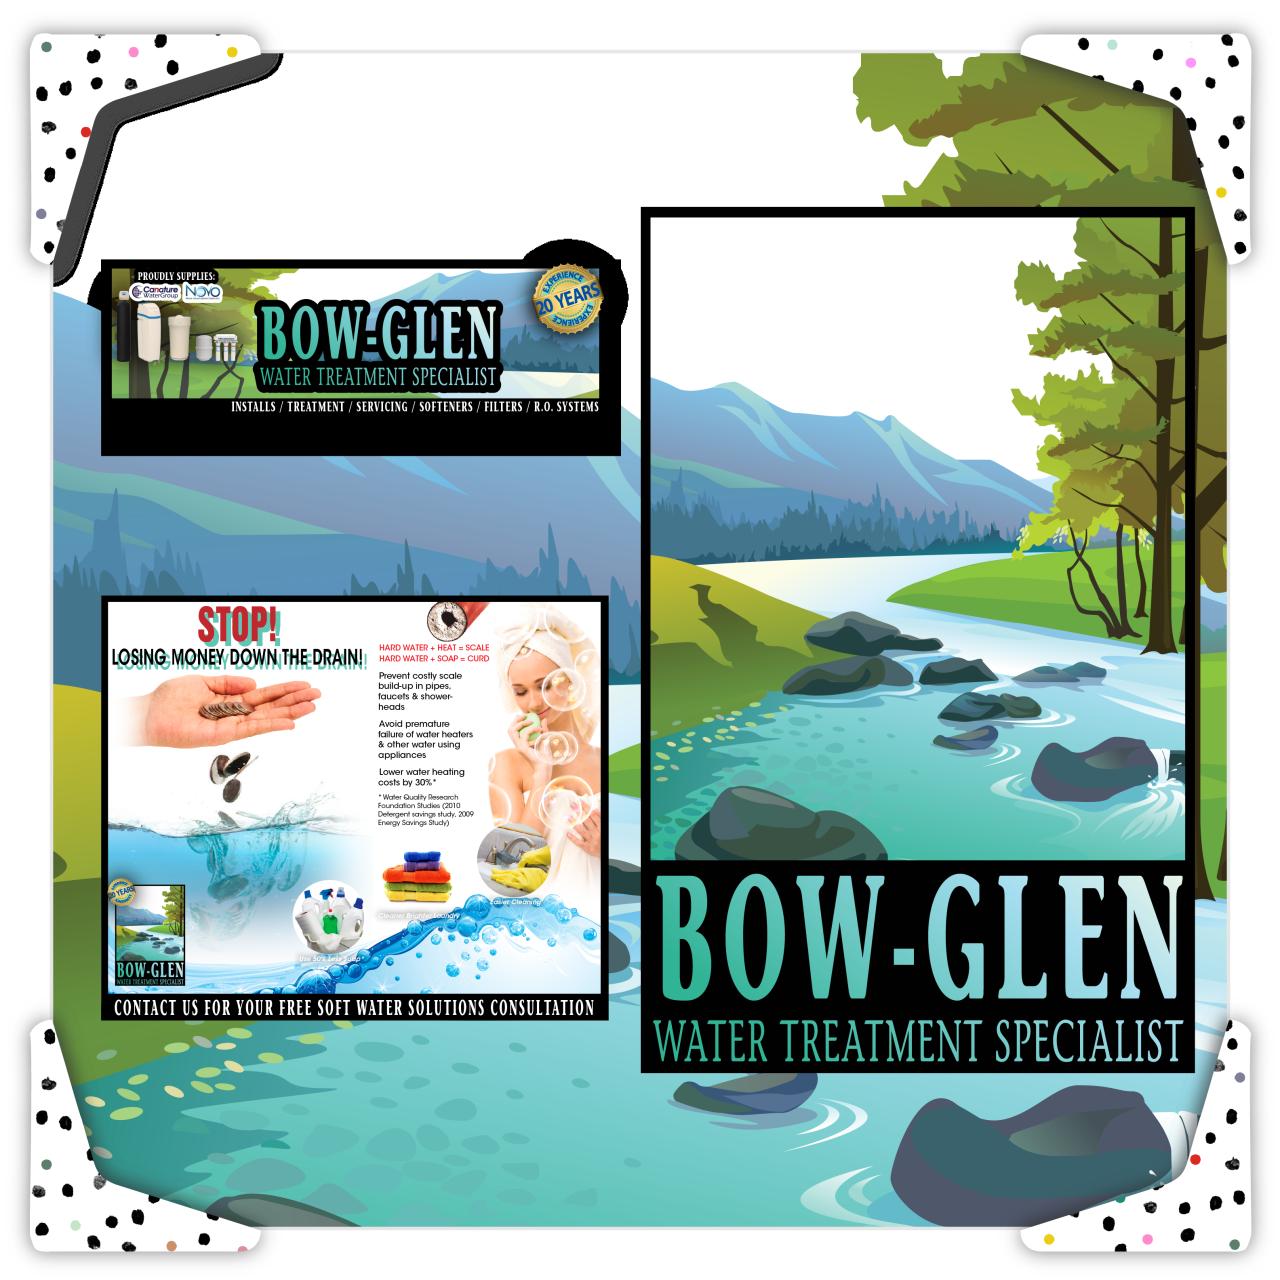 Portfolio bow glen specialist. Faucet clipart water treatment